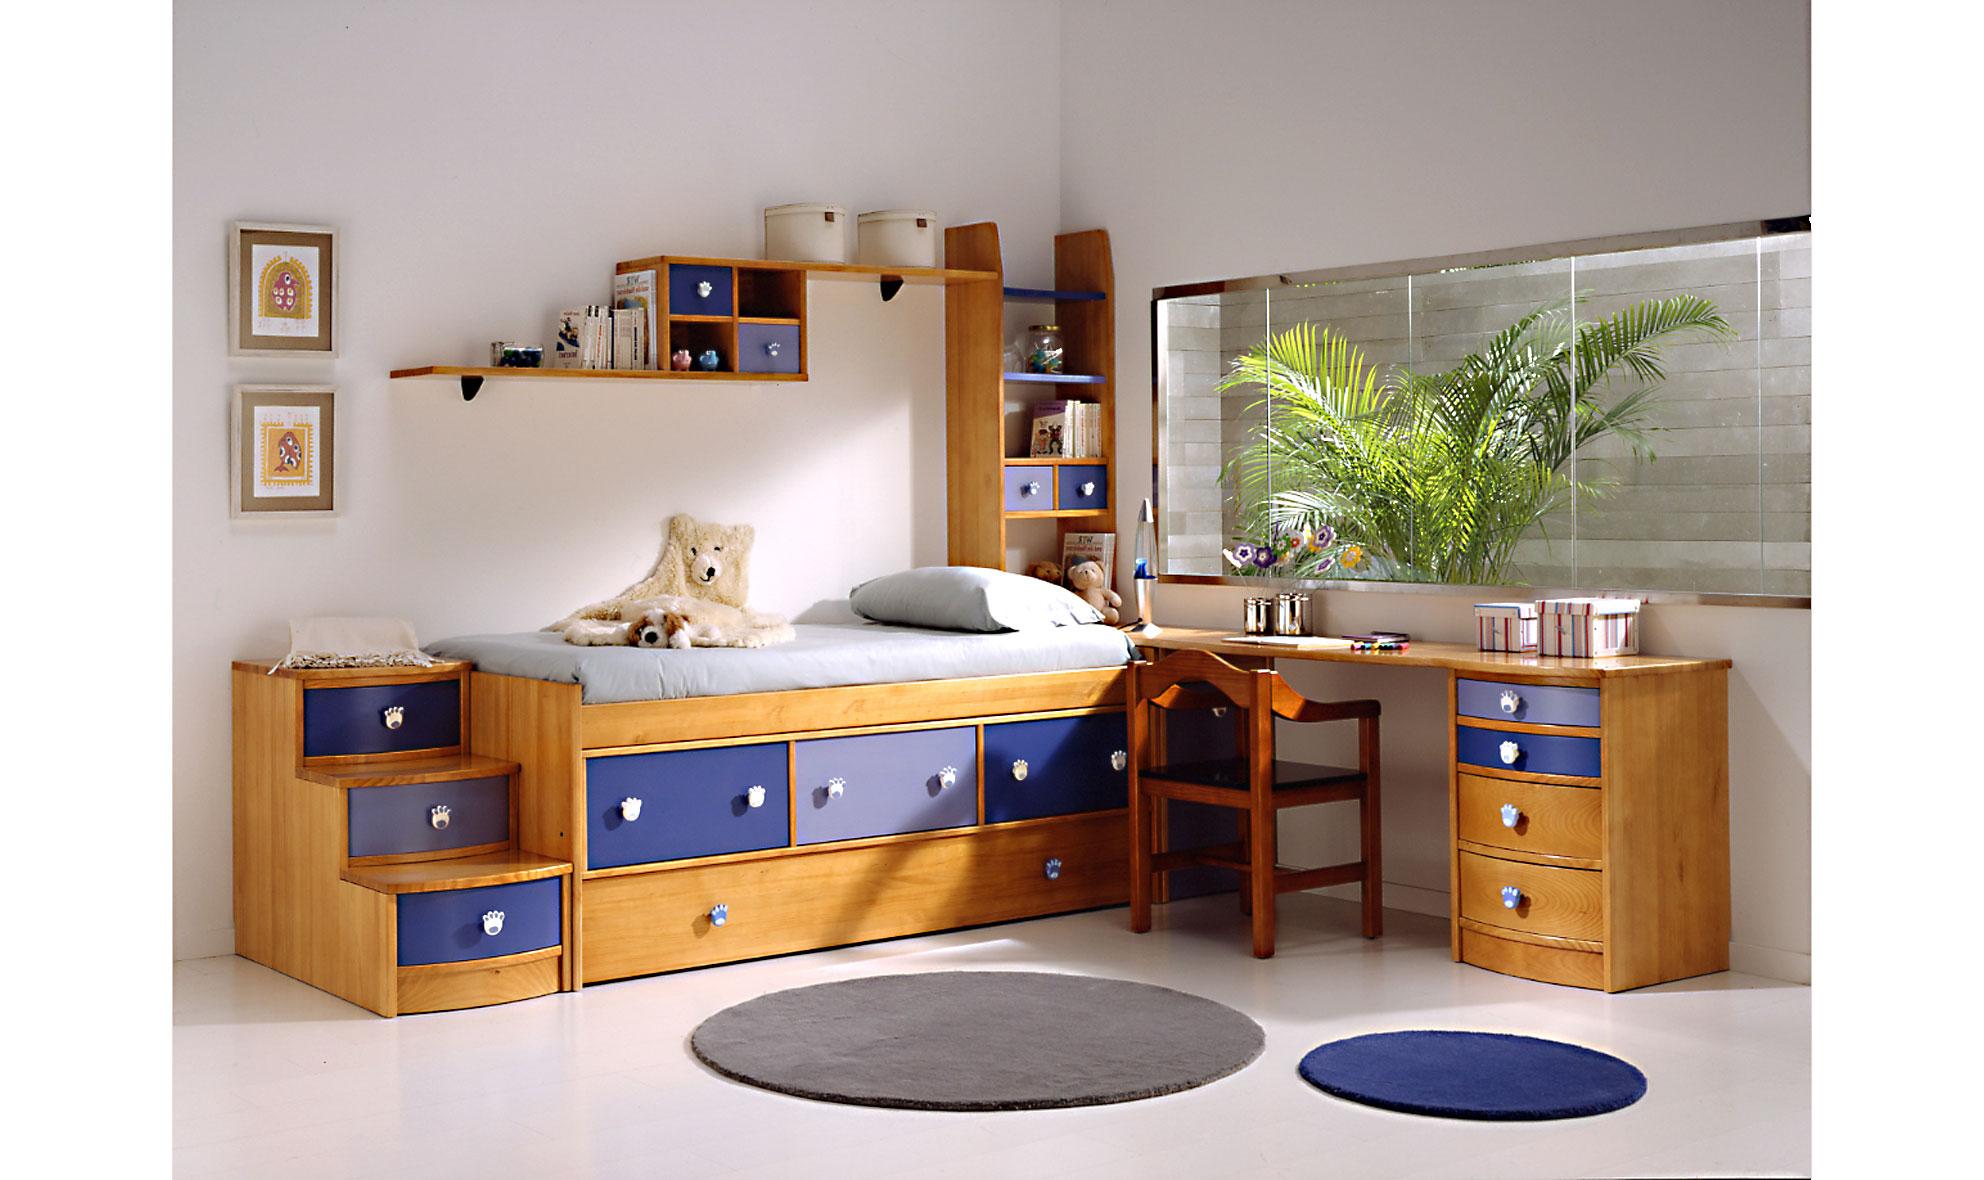 Muebles De Habitacion T8dj Habitacià N Juvenil Alaska En Portobellostreet